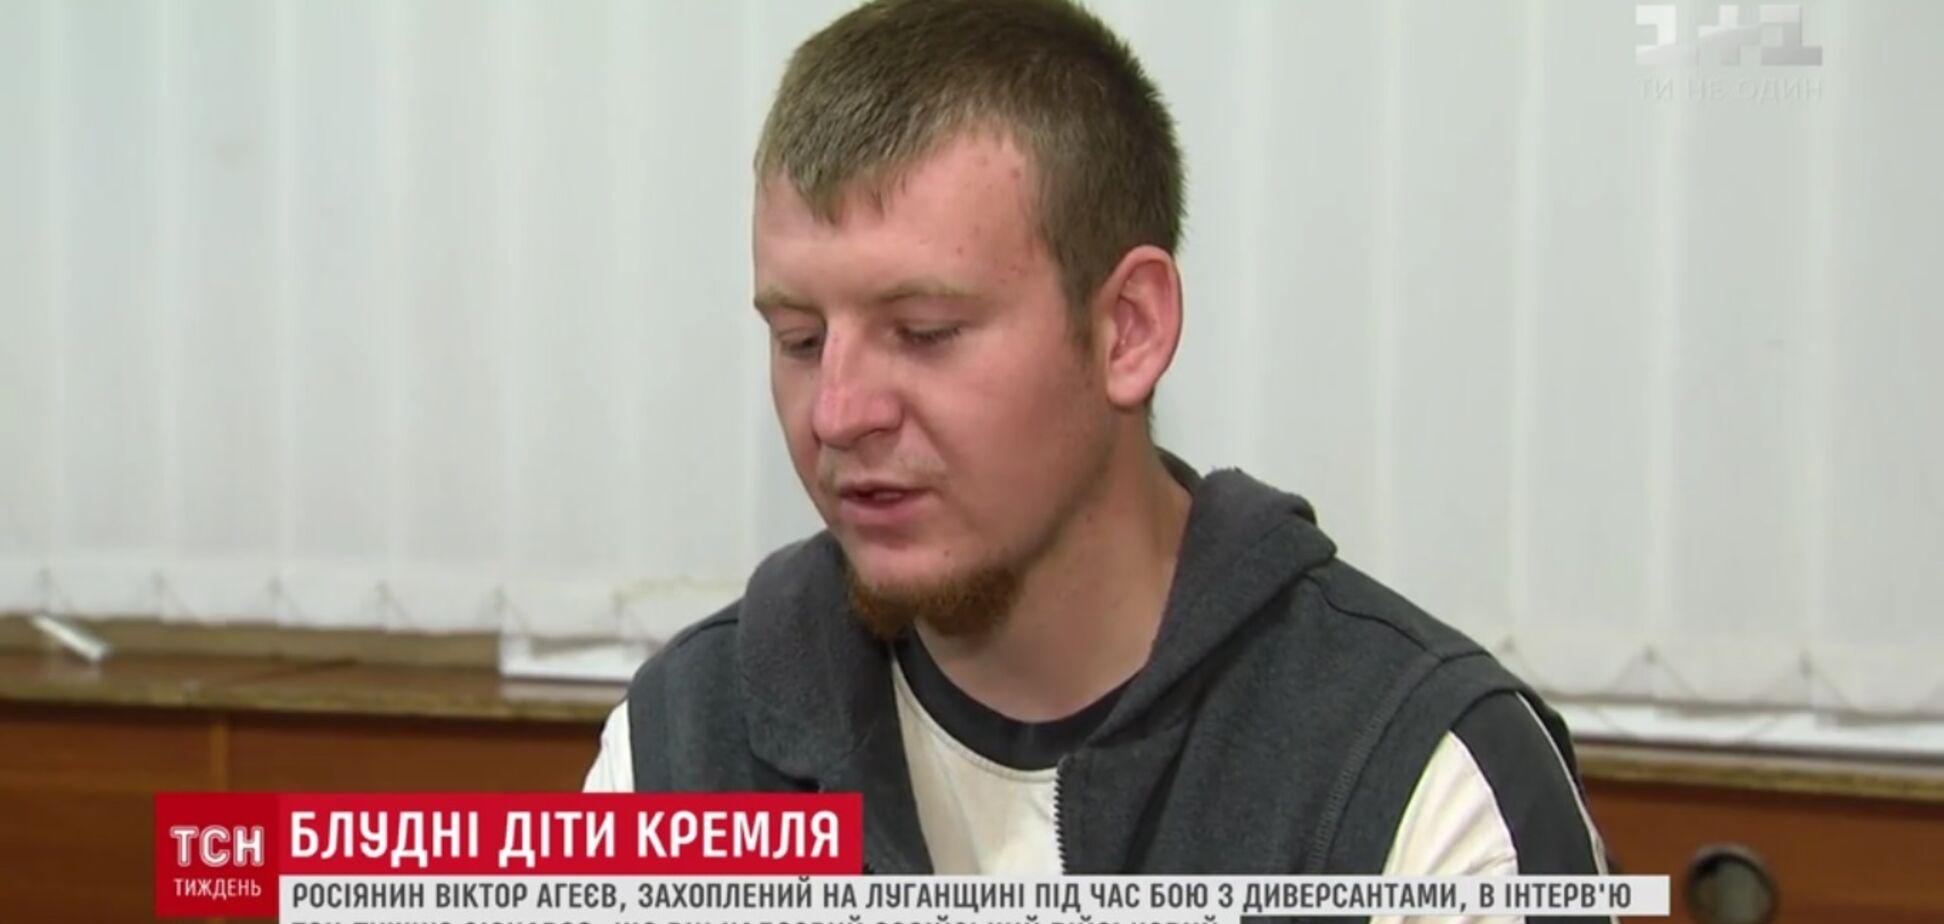 'Не хотілося б, щоб повторилося': російський 'загубійко' Агєєв зробив відверте зізнання